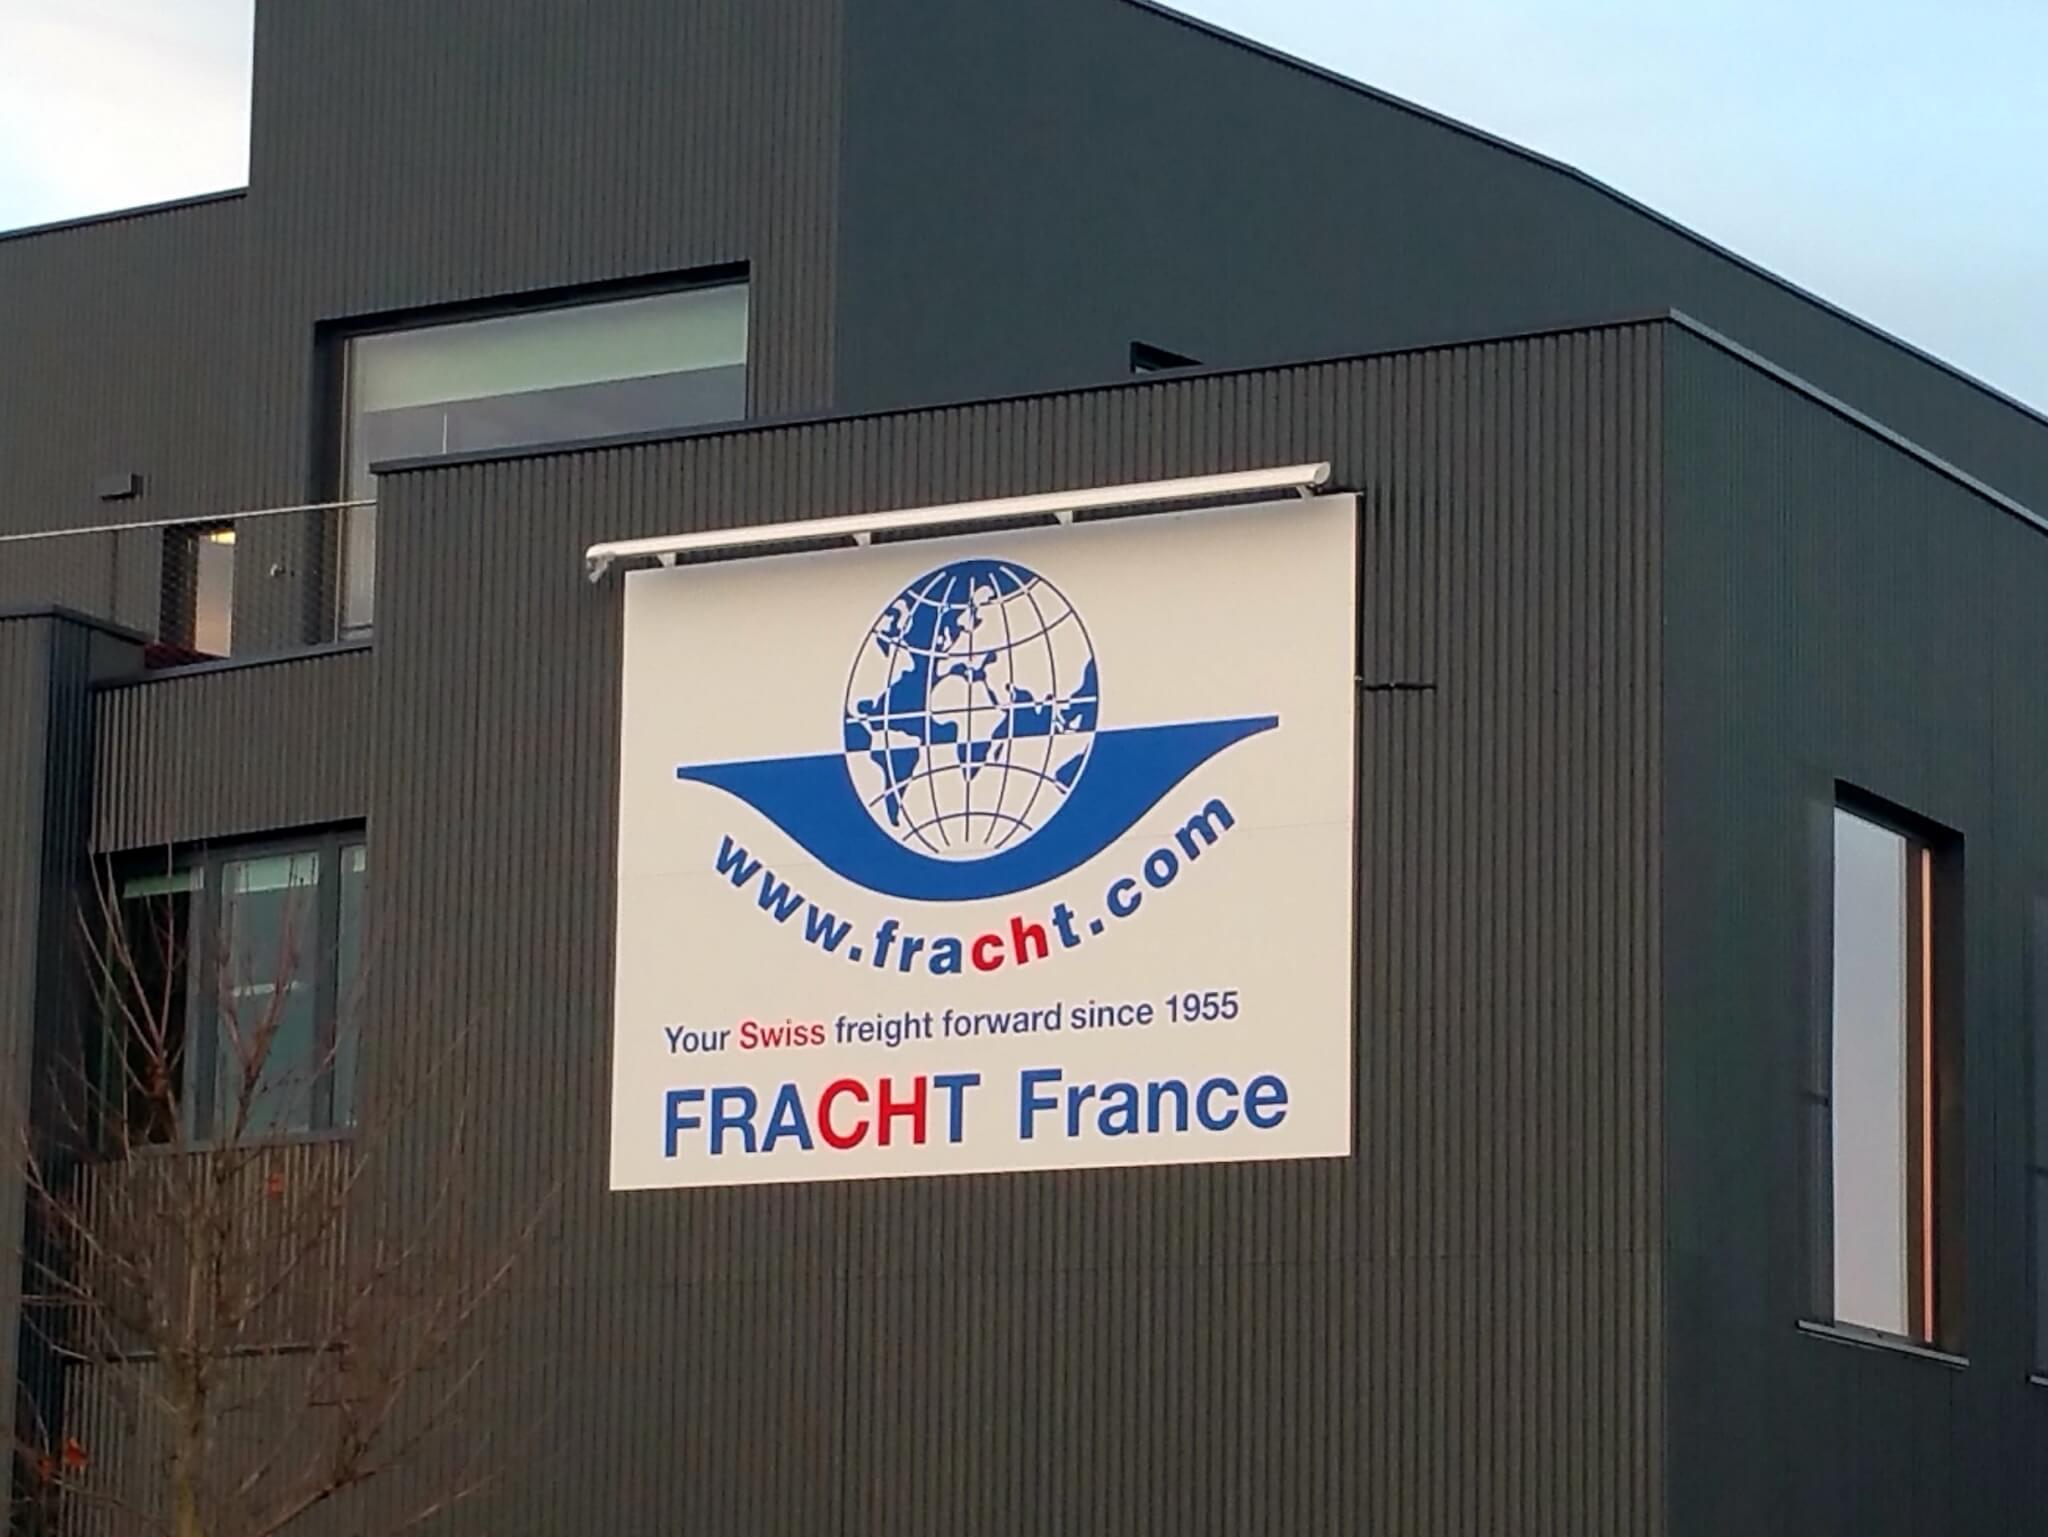 Enseigne à Lyon avec Panneau rampe lumineuse -Fracht Lyon Saint Exupery - SES Enseigniste Lyon Grigny